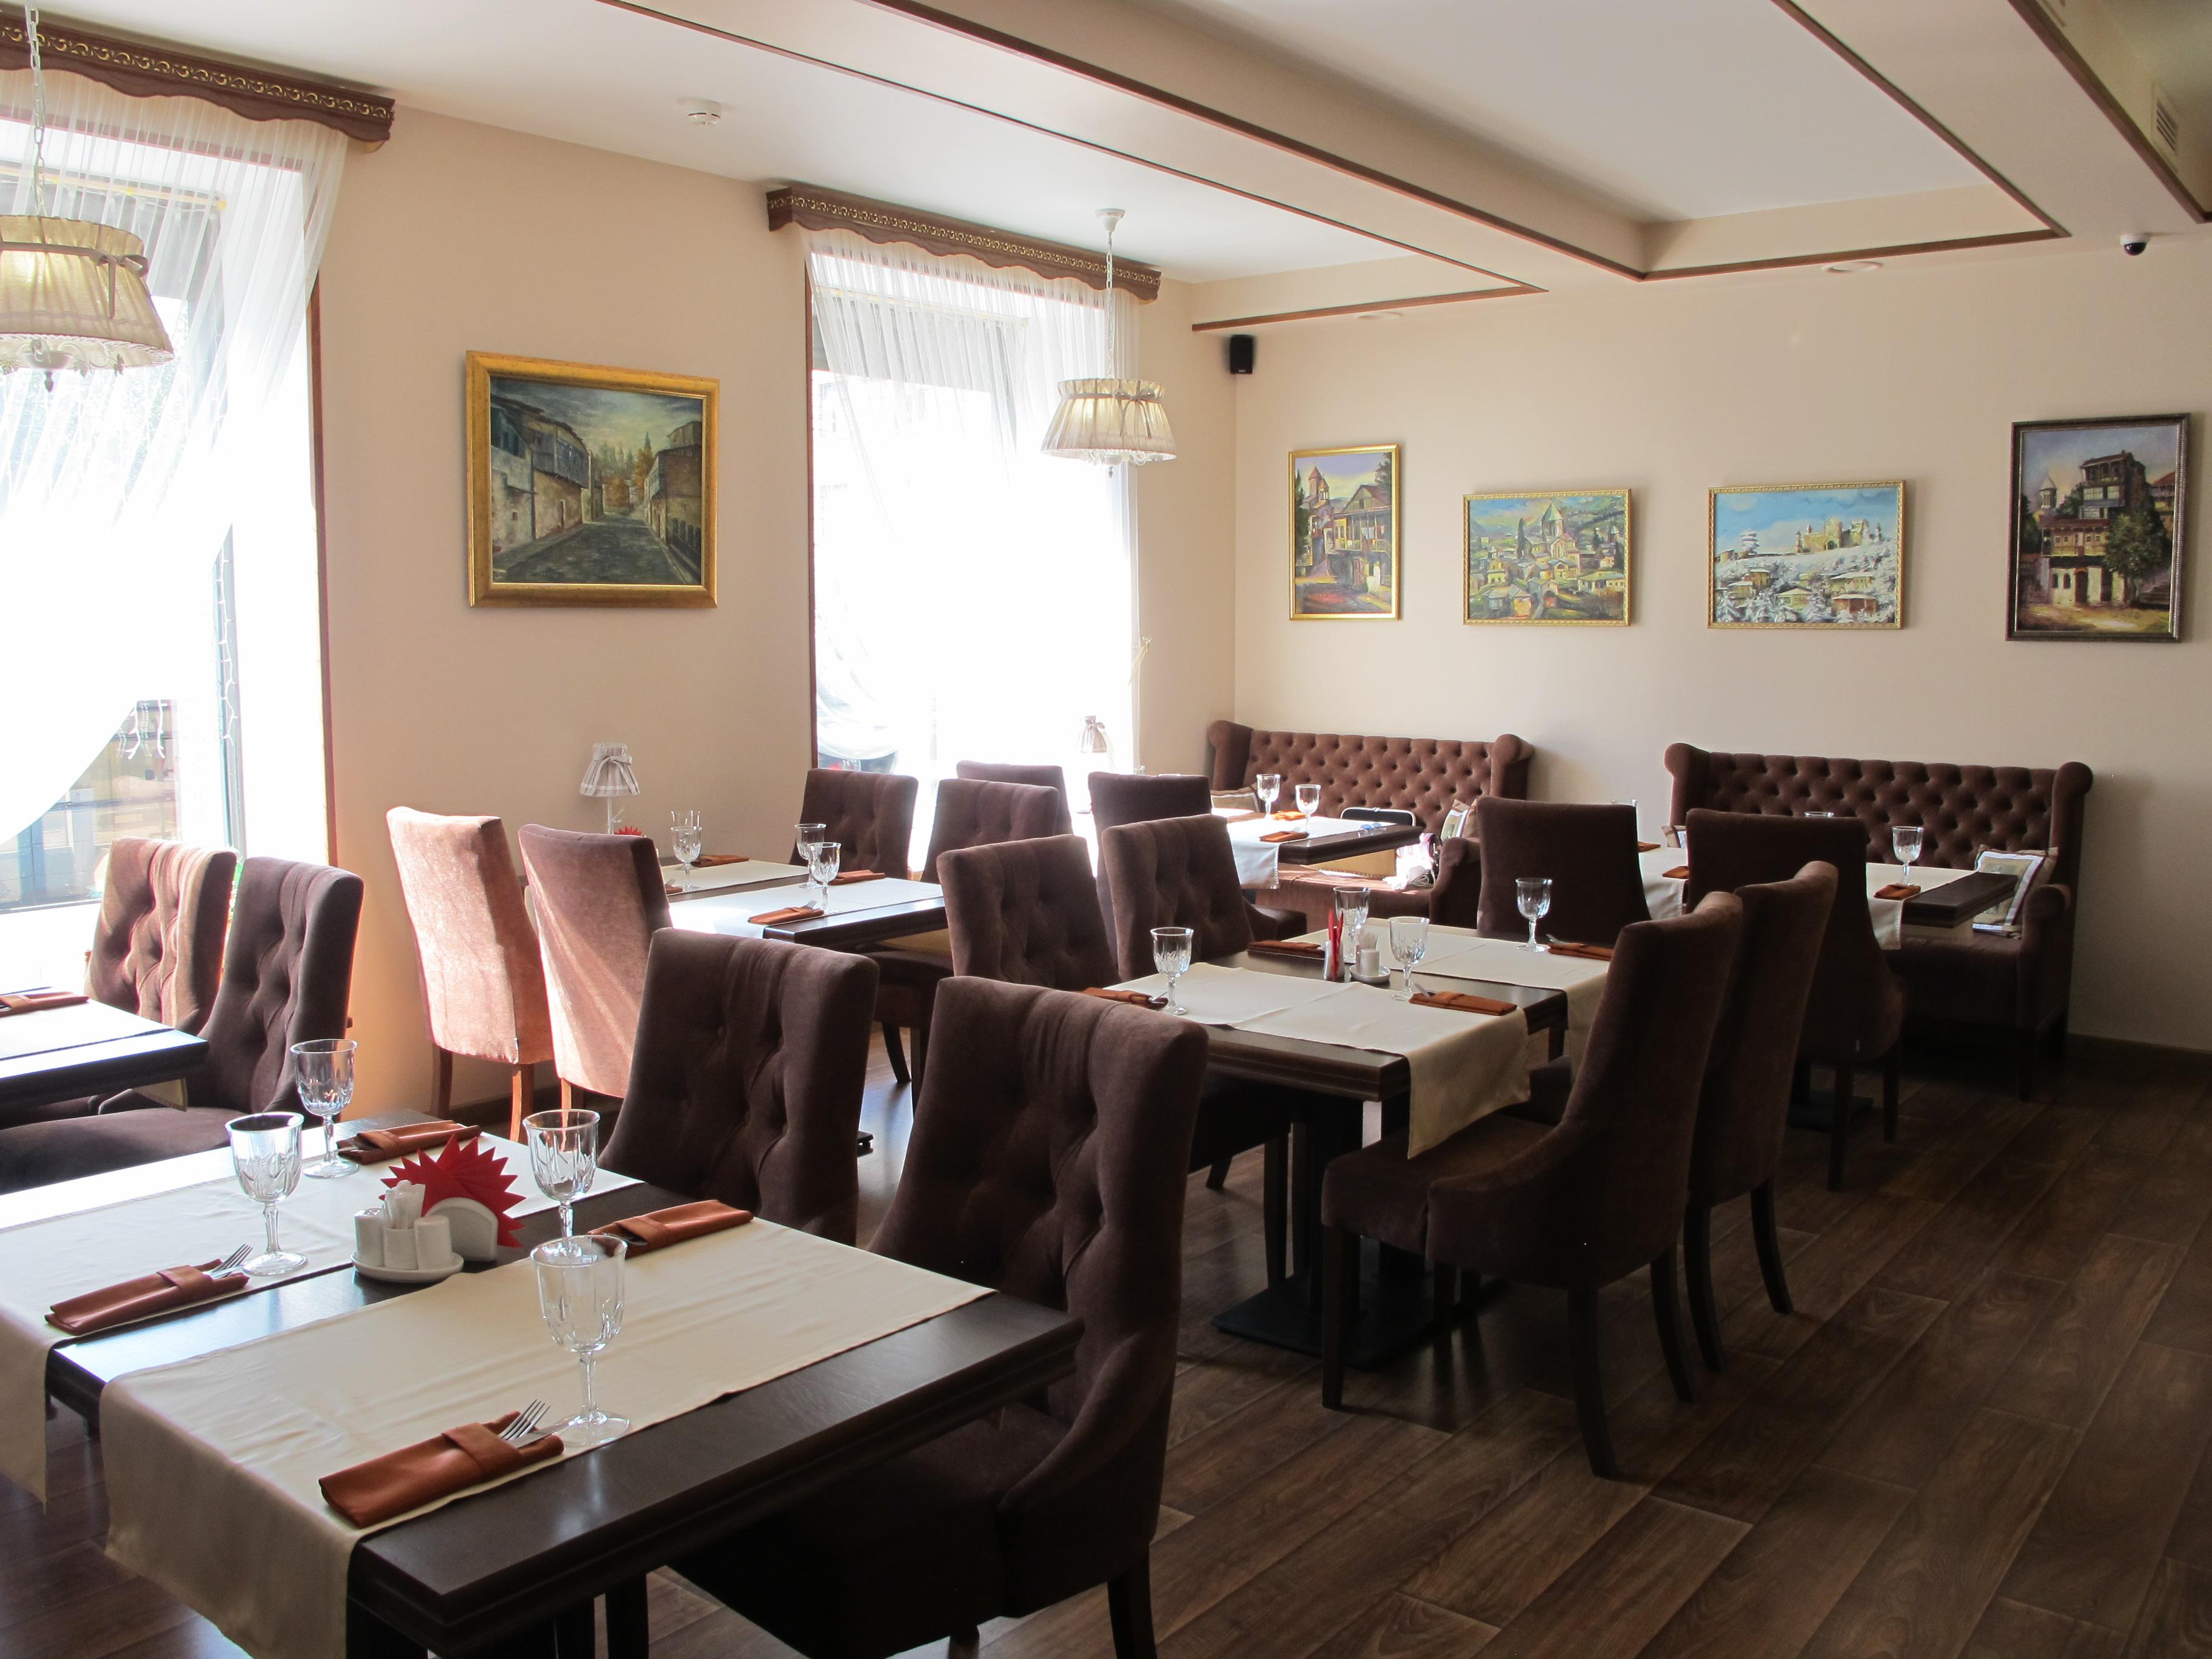 Ресторан на Гаванской ул., 25, первый зал